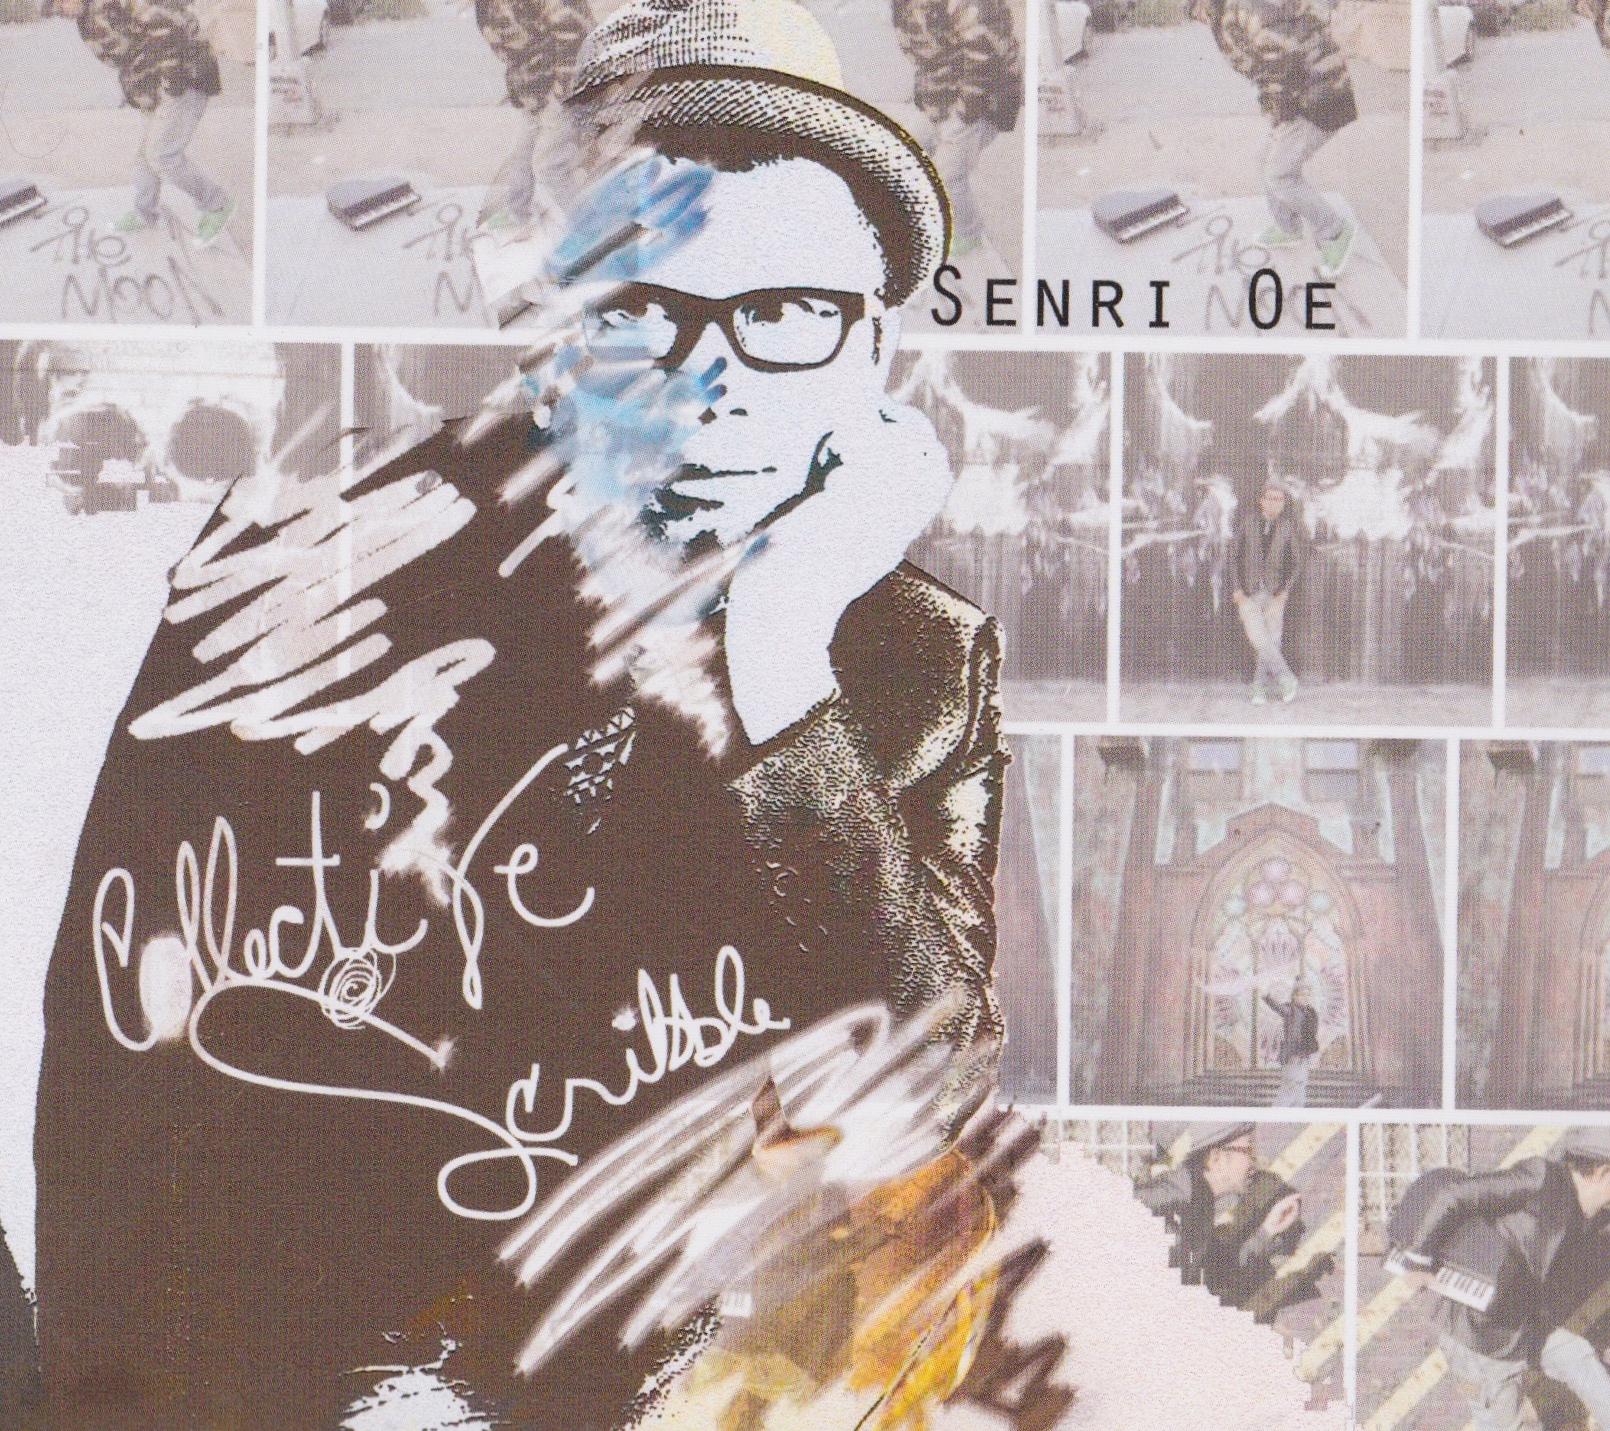 SENRI OE TRIO - COLLECTIVE SCRIBBLE - PND RECORDS- 2015